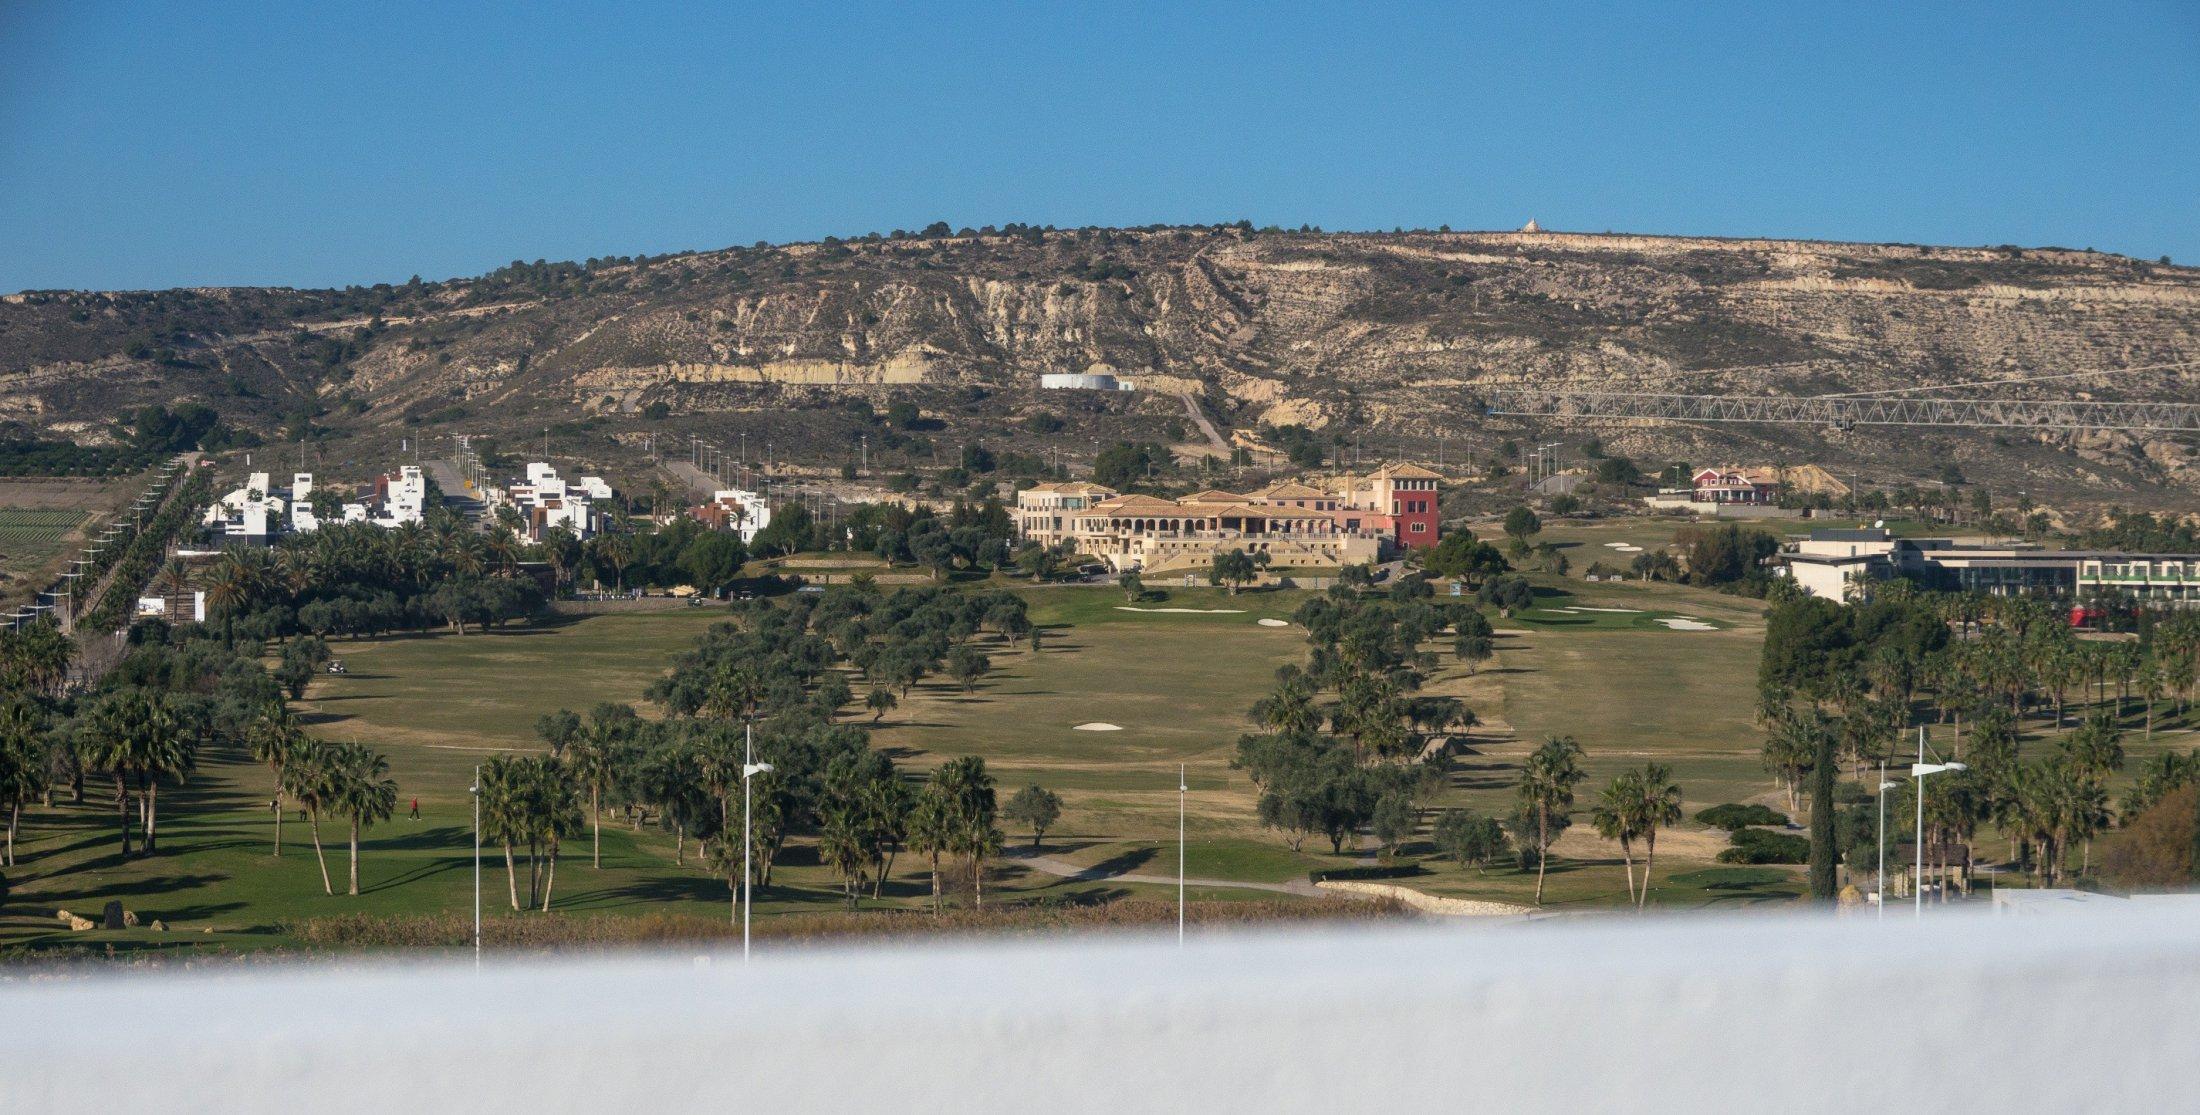 Appartement met 2 slaapkamers in golf community (Costa Blanca Zuid)